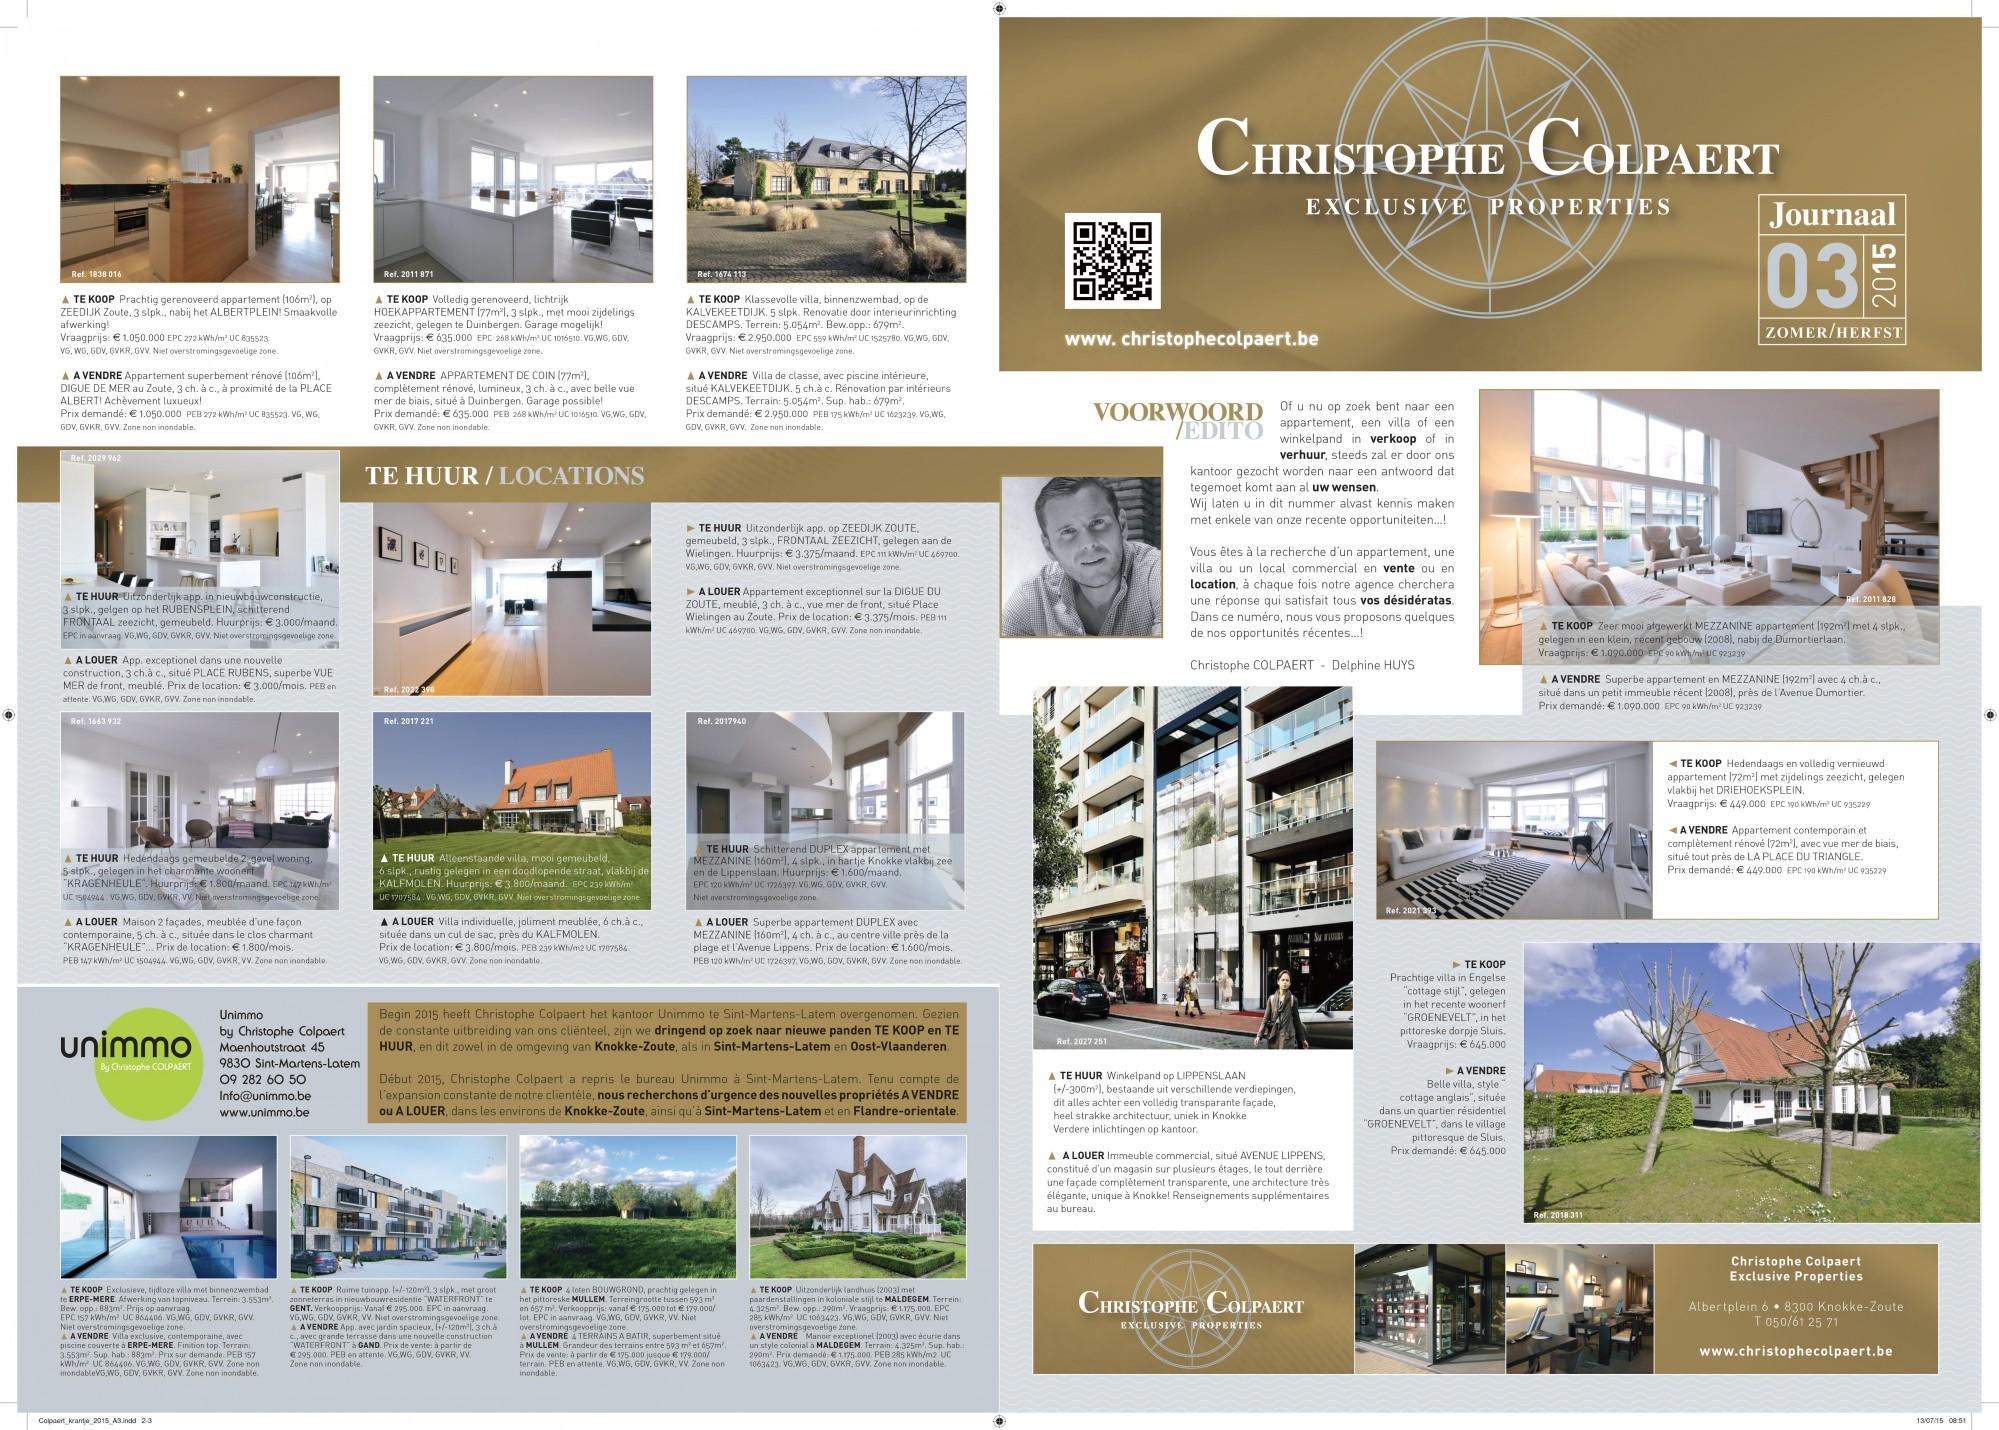 Christophe COLPAERT Exclusive Properties - Journal ETE 2015